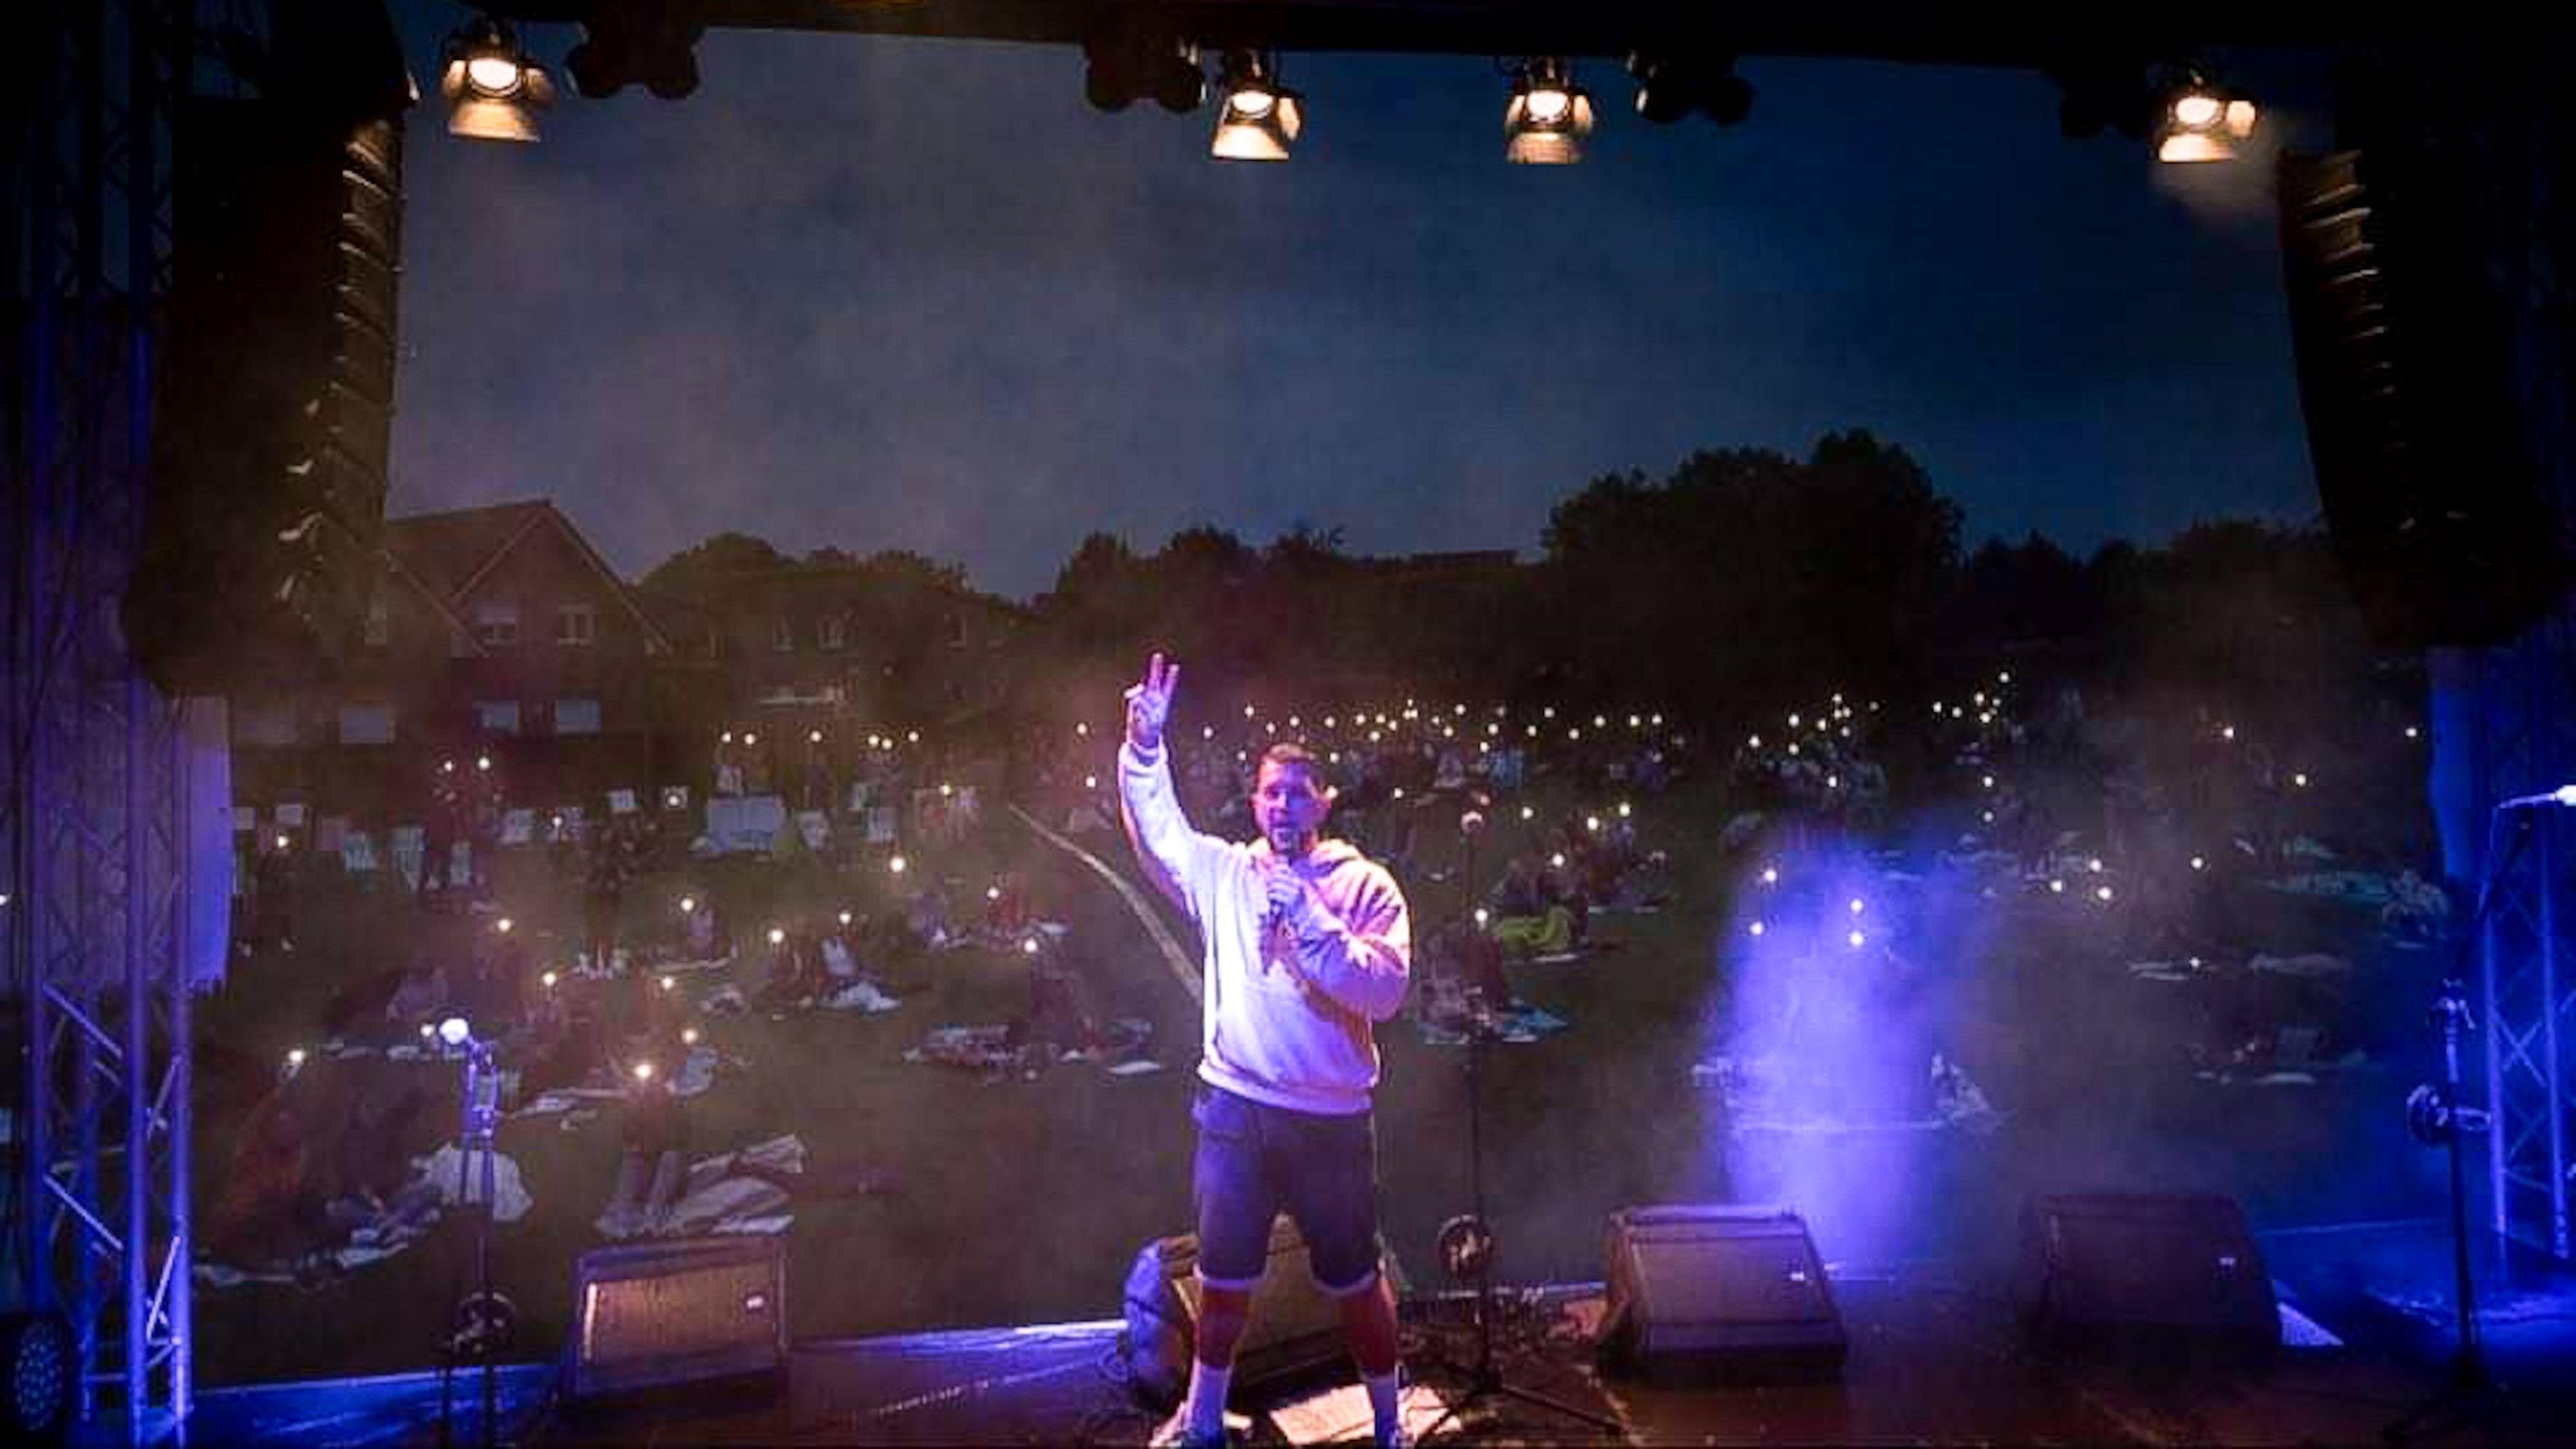 """""""Auf den haben alle abgefeiert"""": Das Publikum war von Rapper K-Fly begeistert. Musikalisch fiel er bei dem Kurz-Festival im Garreler Dorfpark allerdings aus dem Rahmen. Foto: Pütz"""